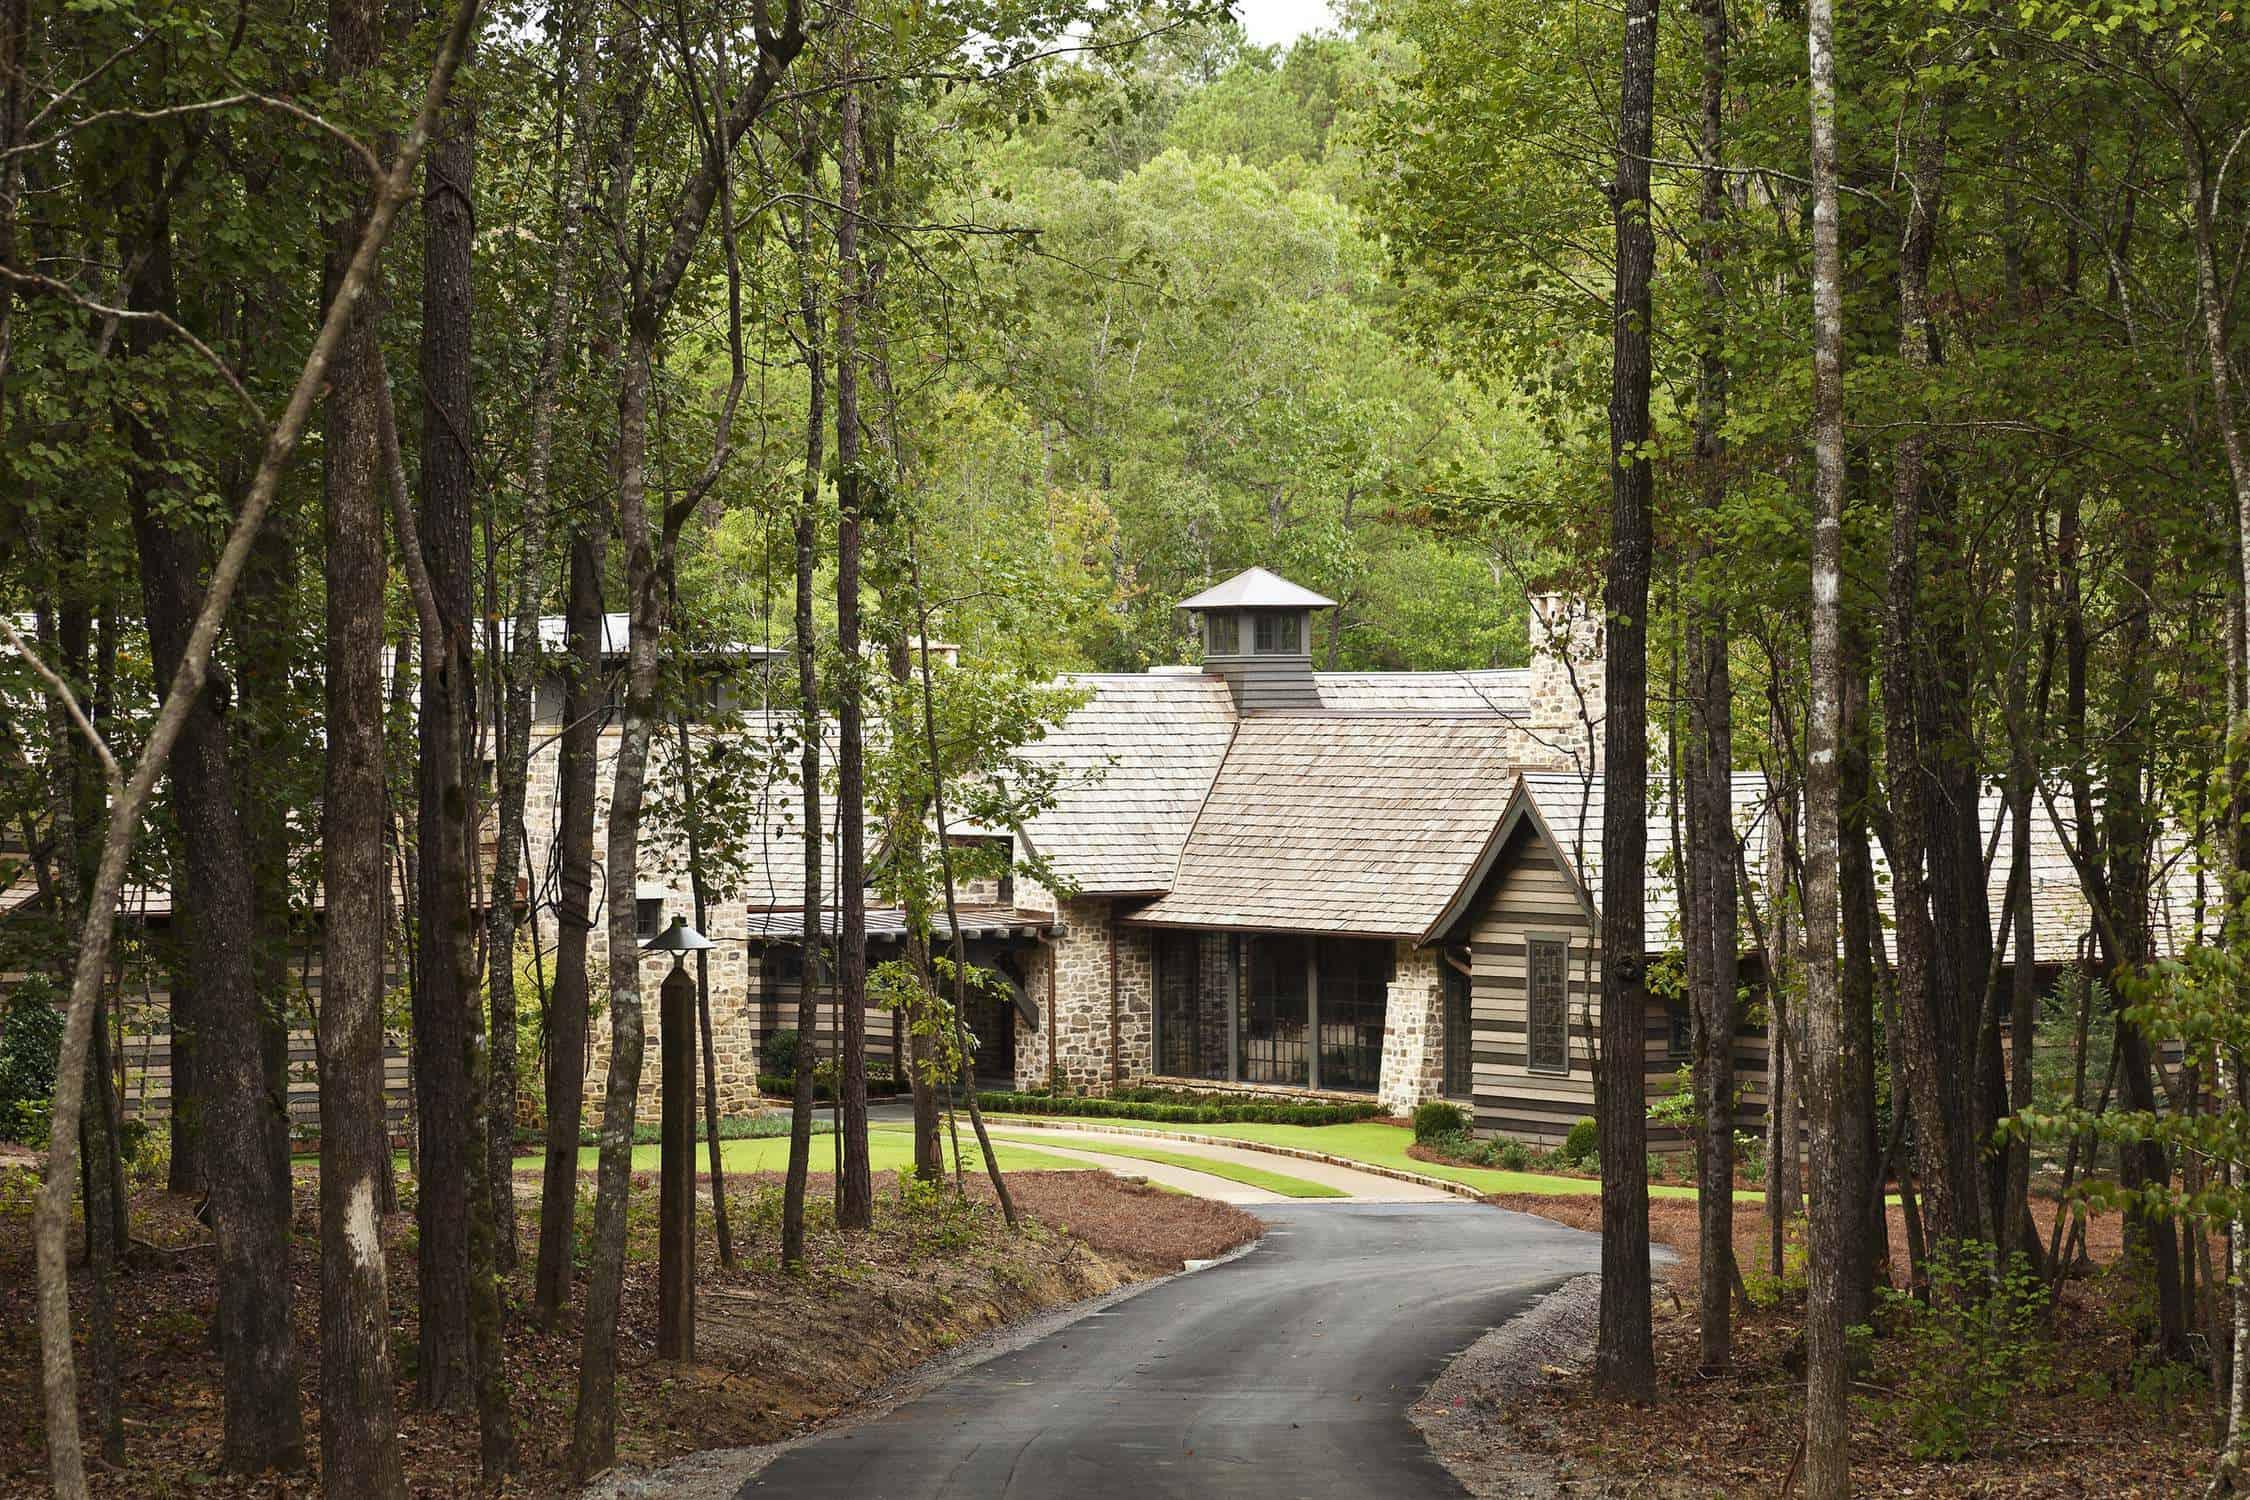 creekside farm house